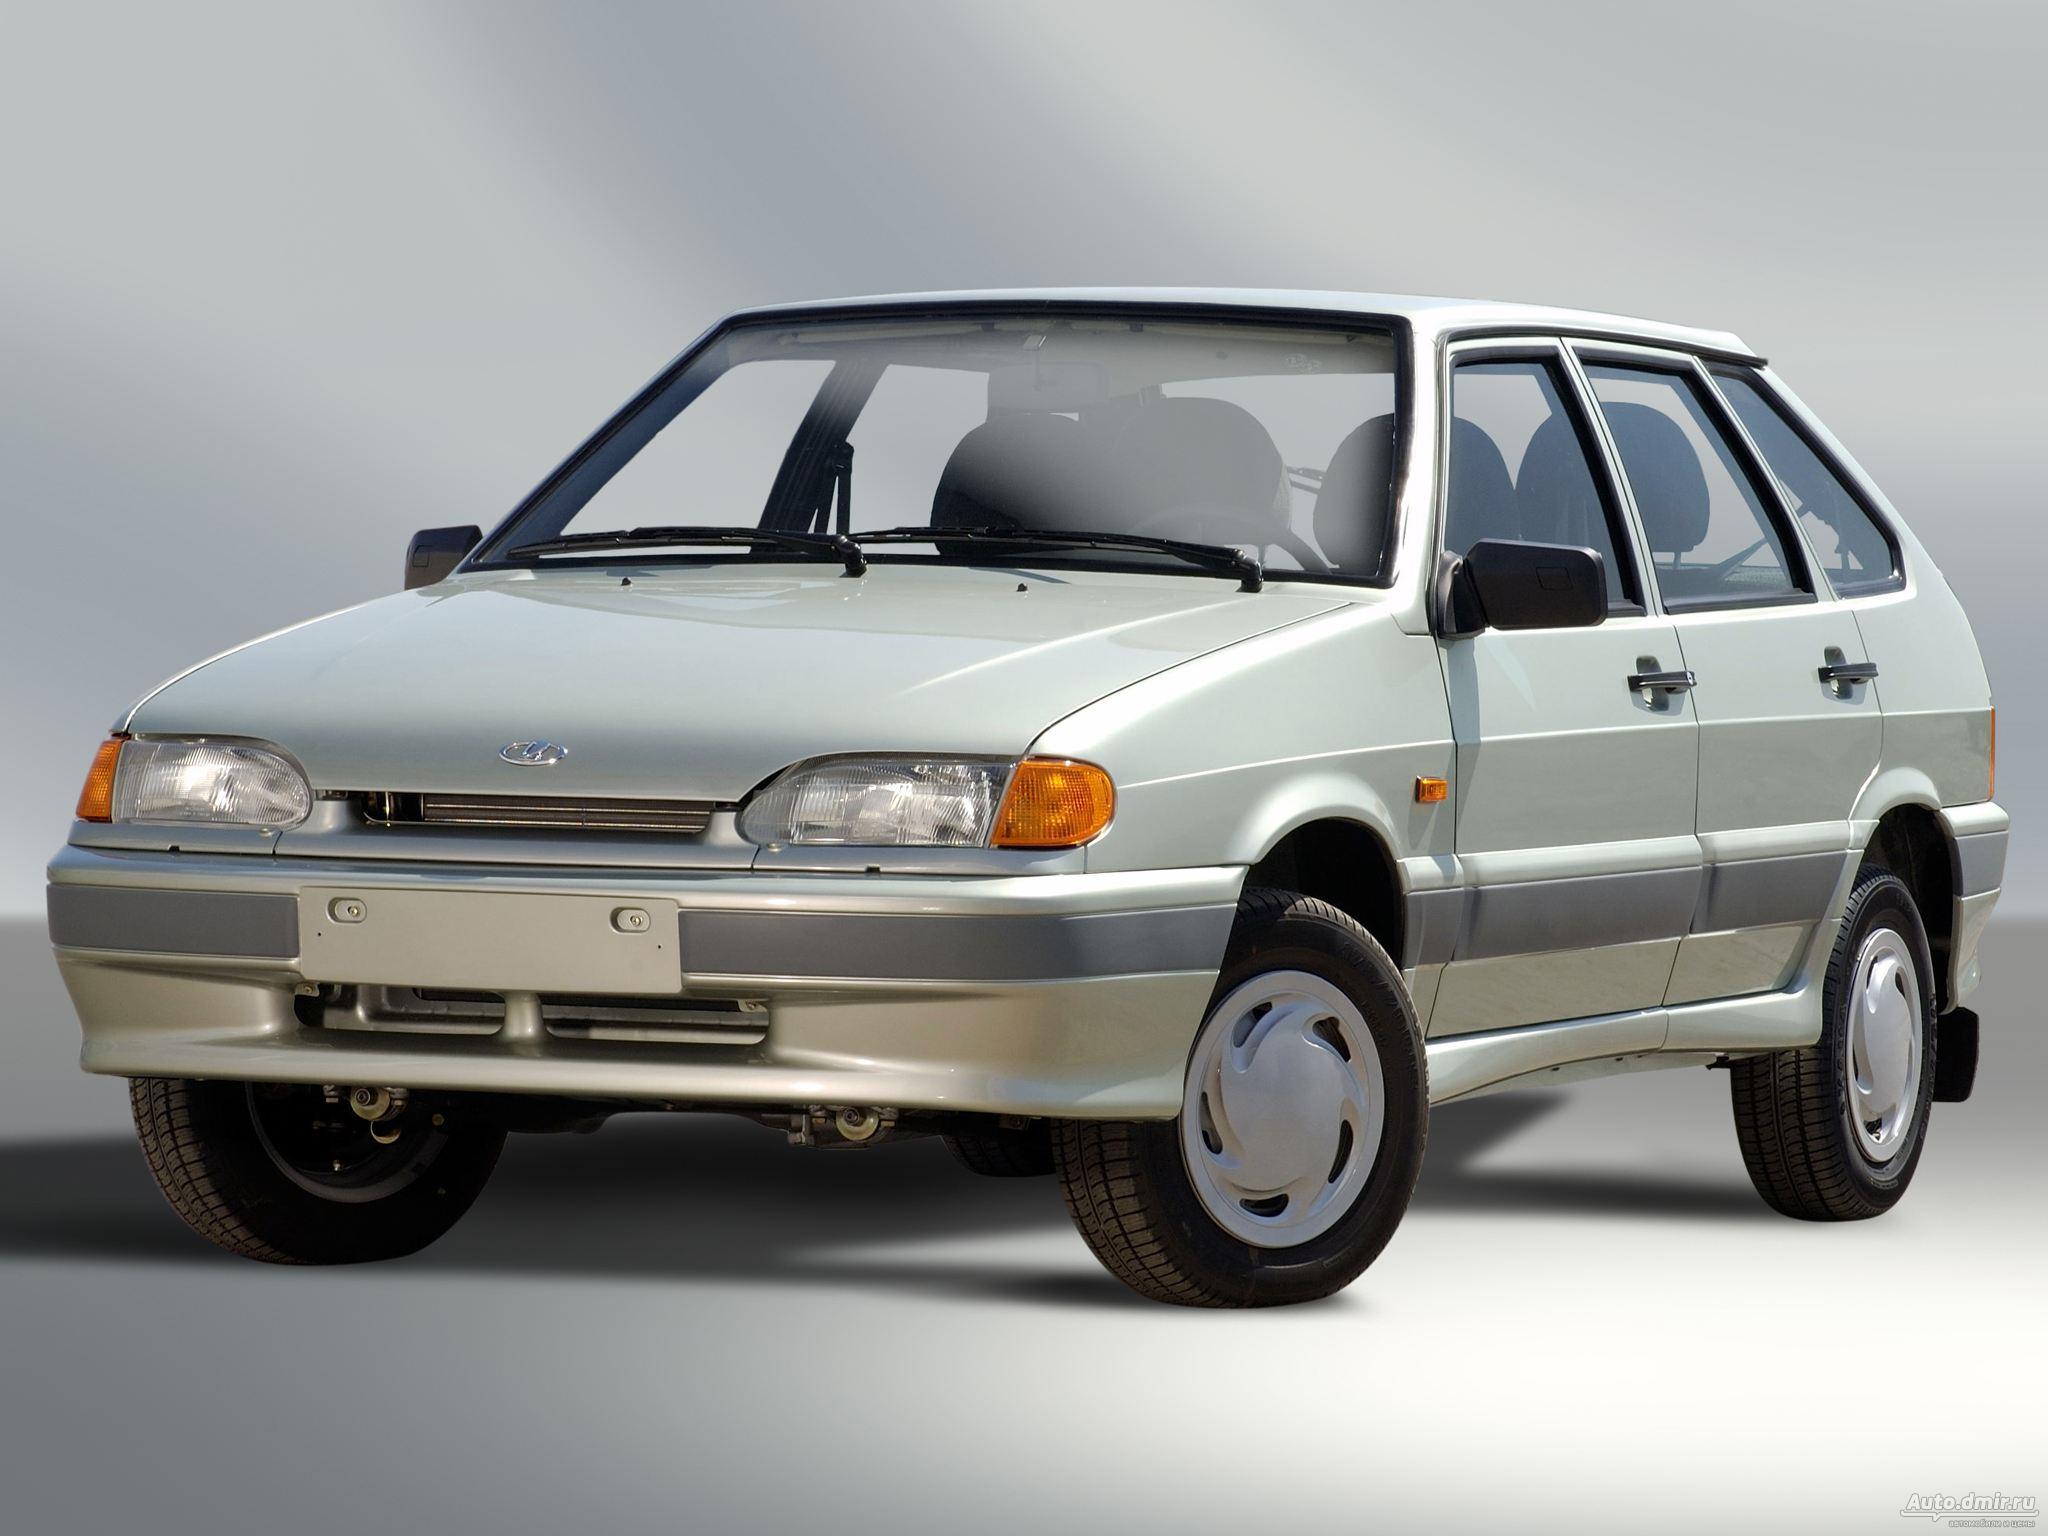 Автомобиль за100 тысяч рублей: великий комбинатор или изгнание израя— фото 597142